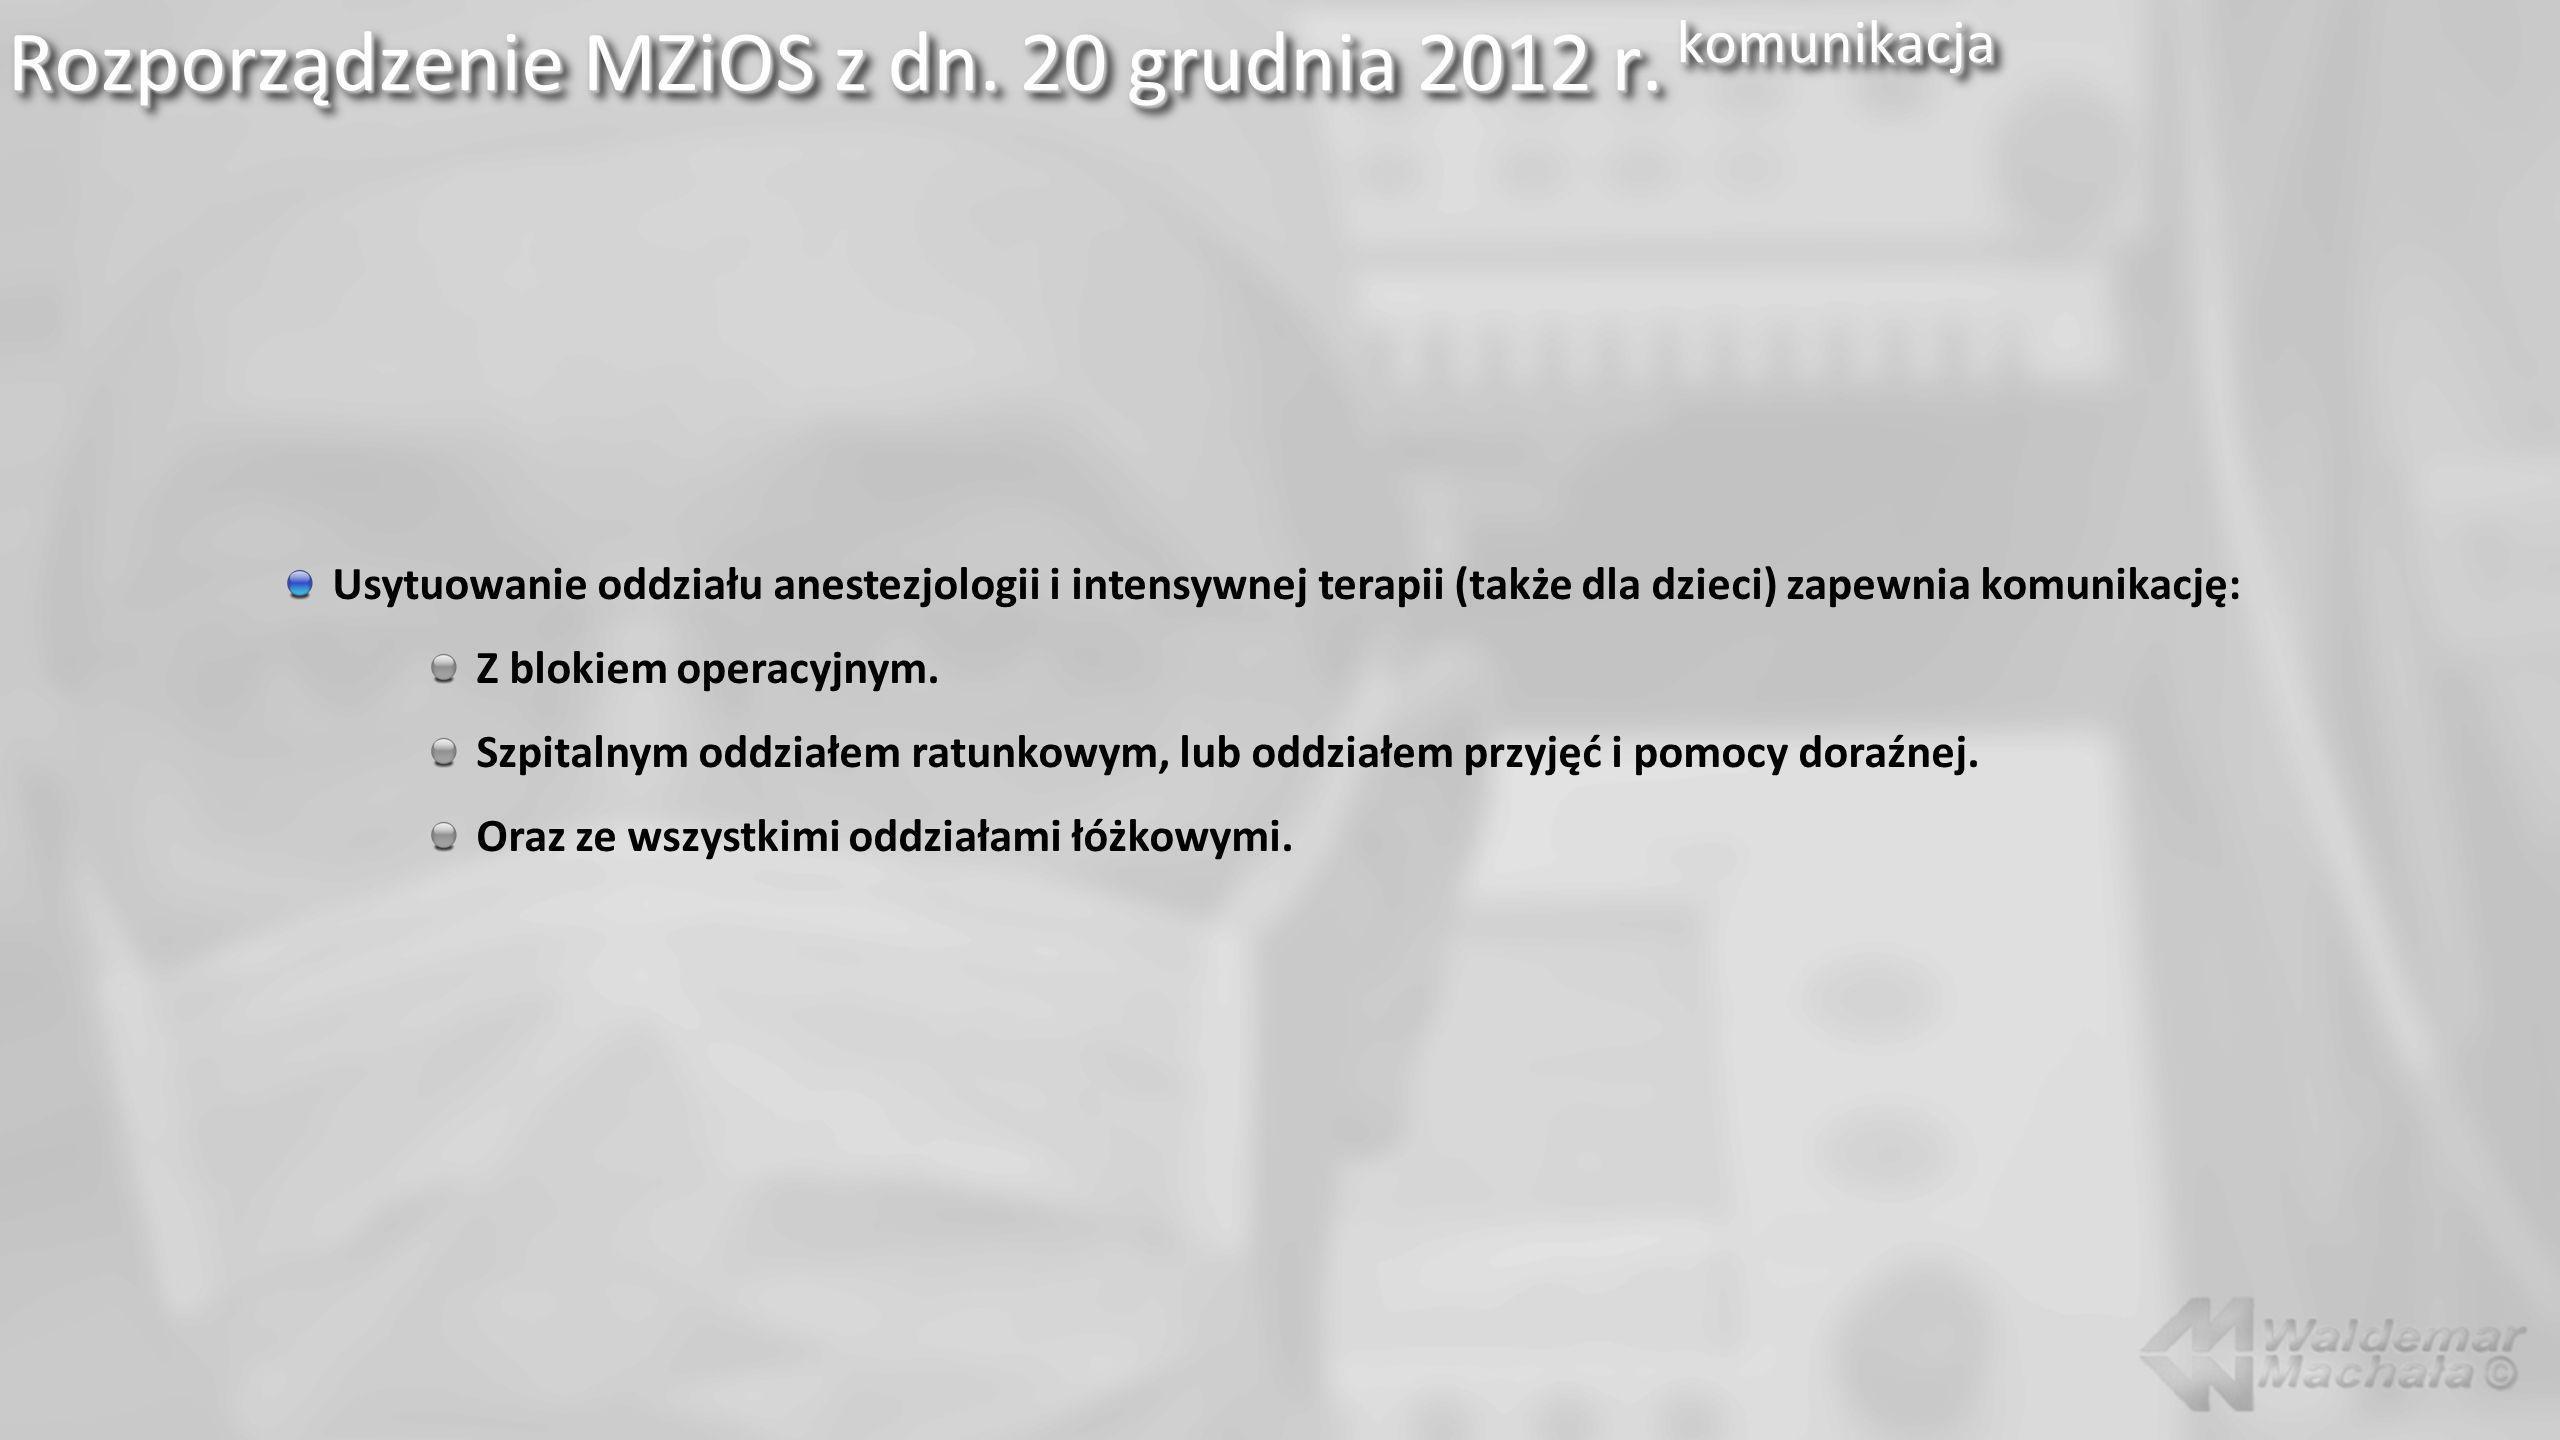 Rozporządzenie MZiOS z dn. 20 grudnia 2012 r. komunikacja